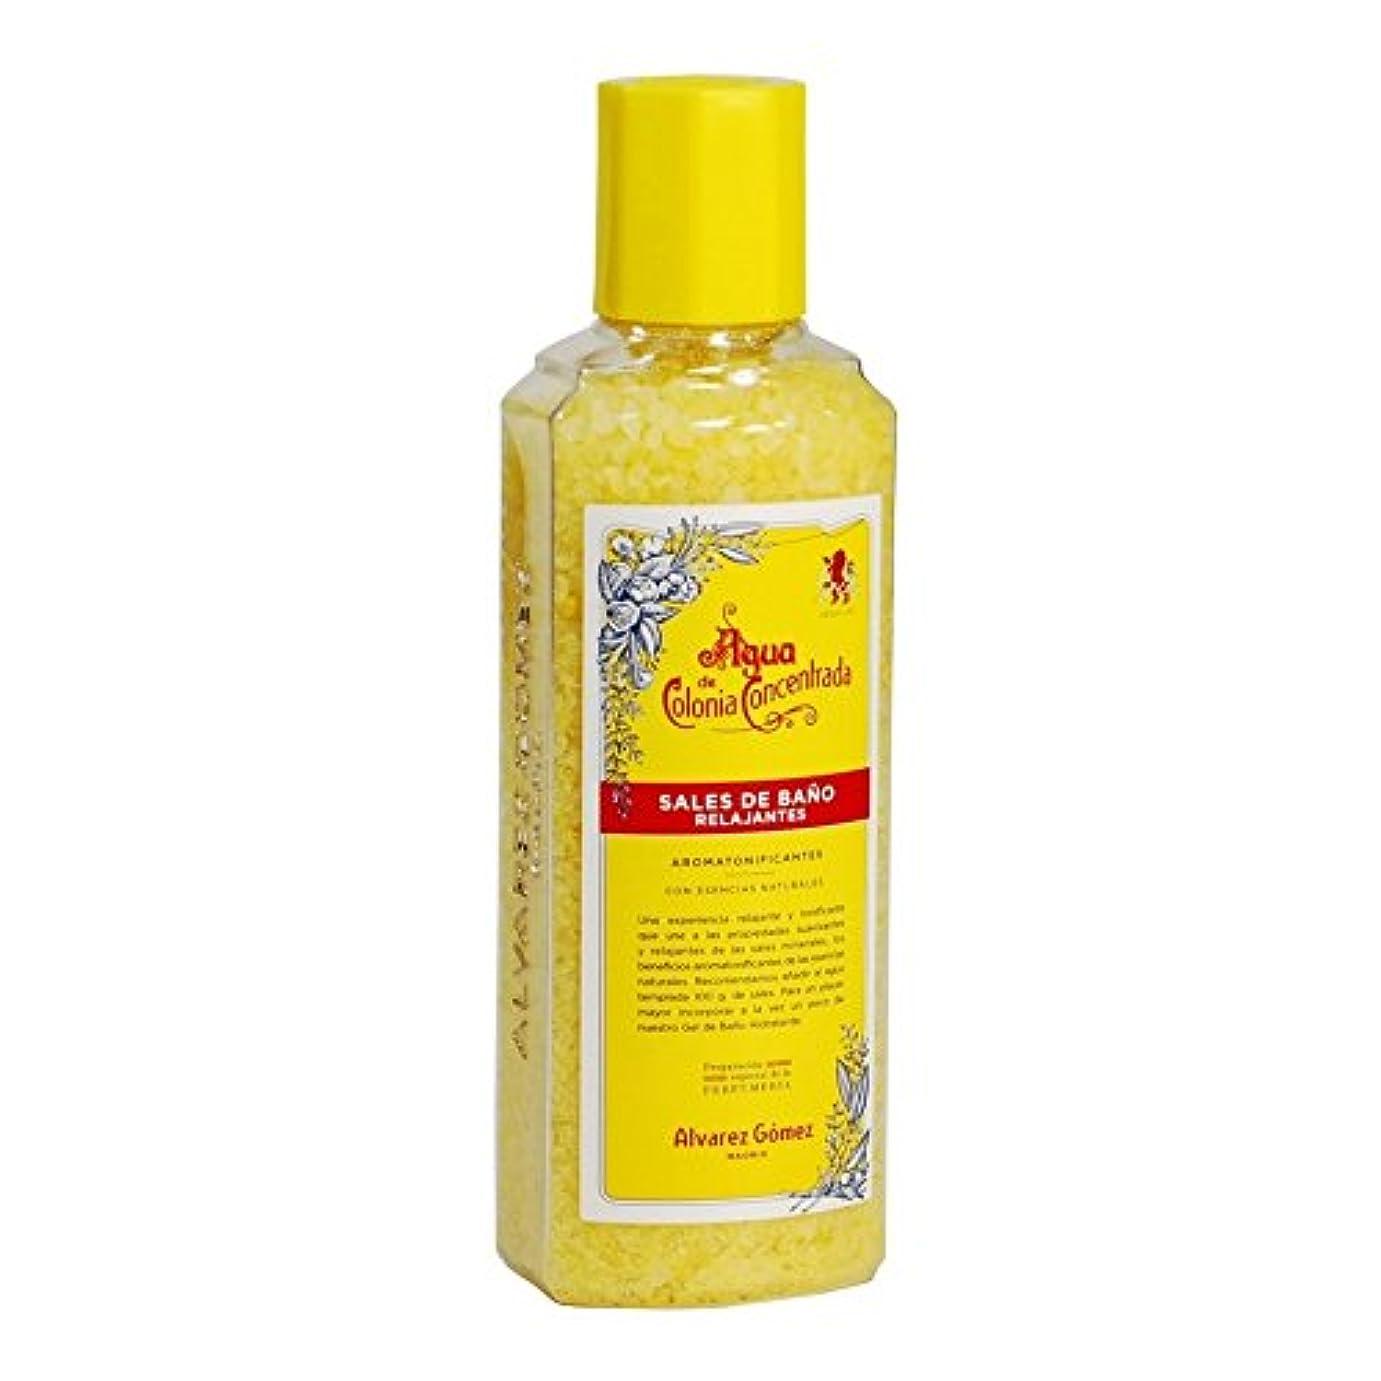 怠感好奇心徒歩で?lvarez G?mez Agua de Colonia Concentrada Bath Salts 300g (Pack of 6) - アルバレス?ゴメスアグア?デ?コロニア入浴剤300グラム x6 [並行輸入品]